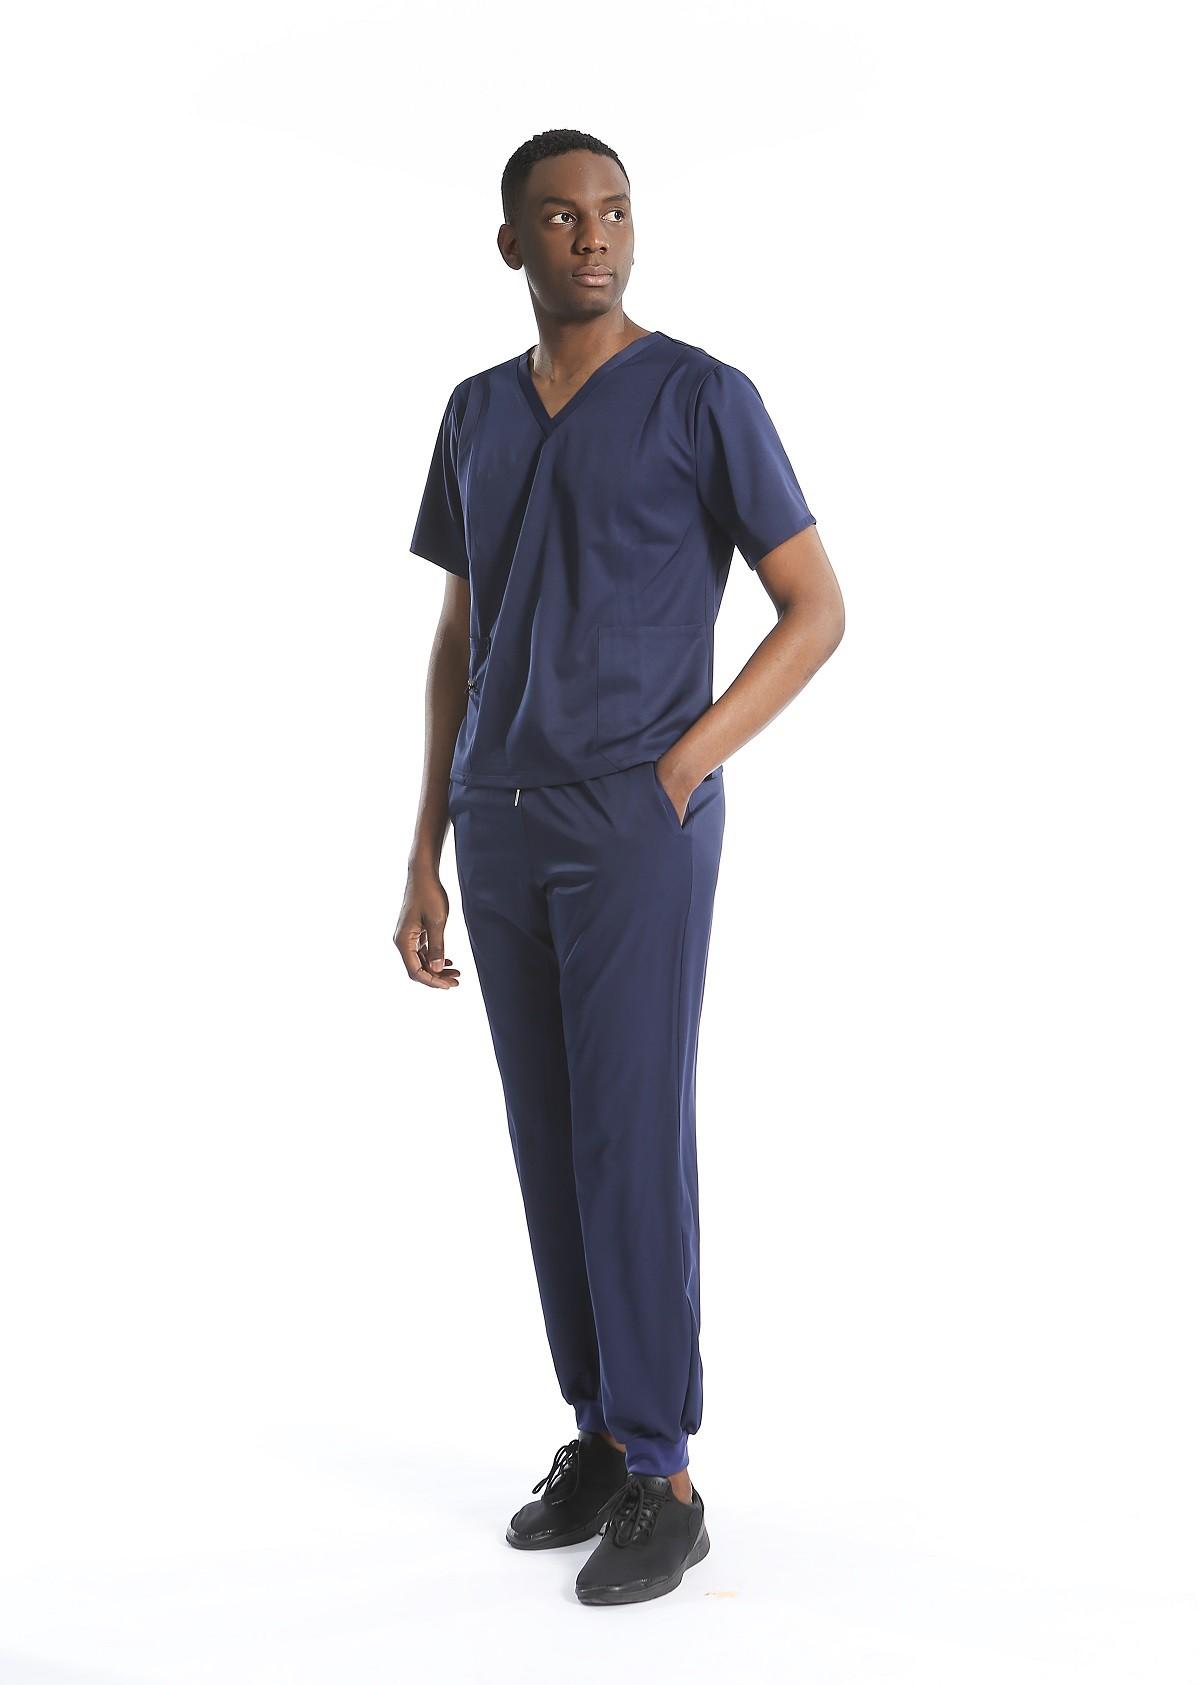 scrubs dickies uniforms